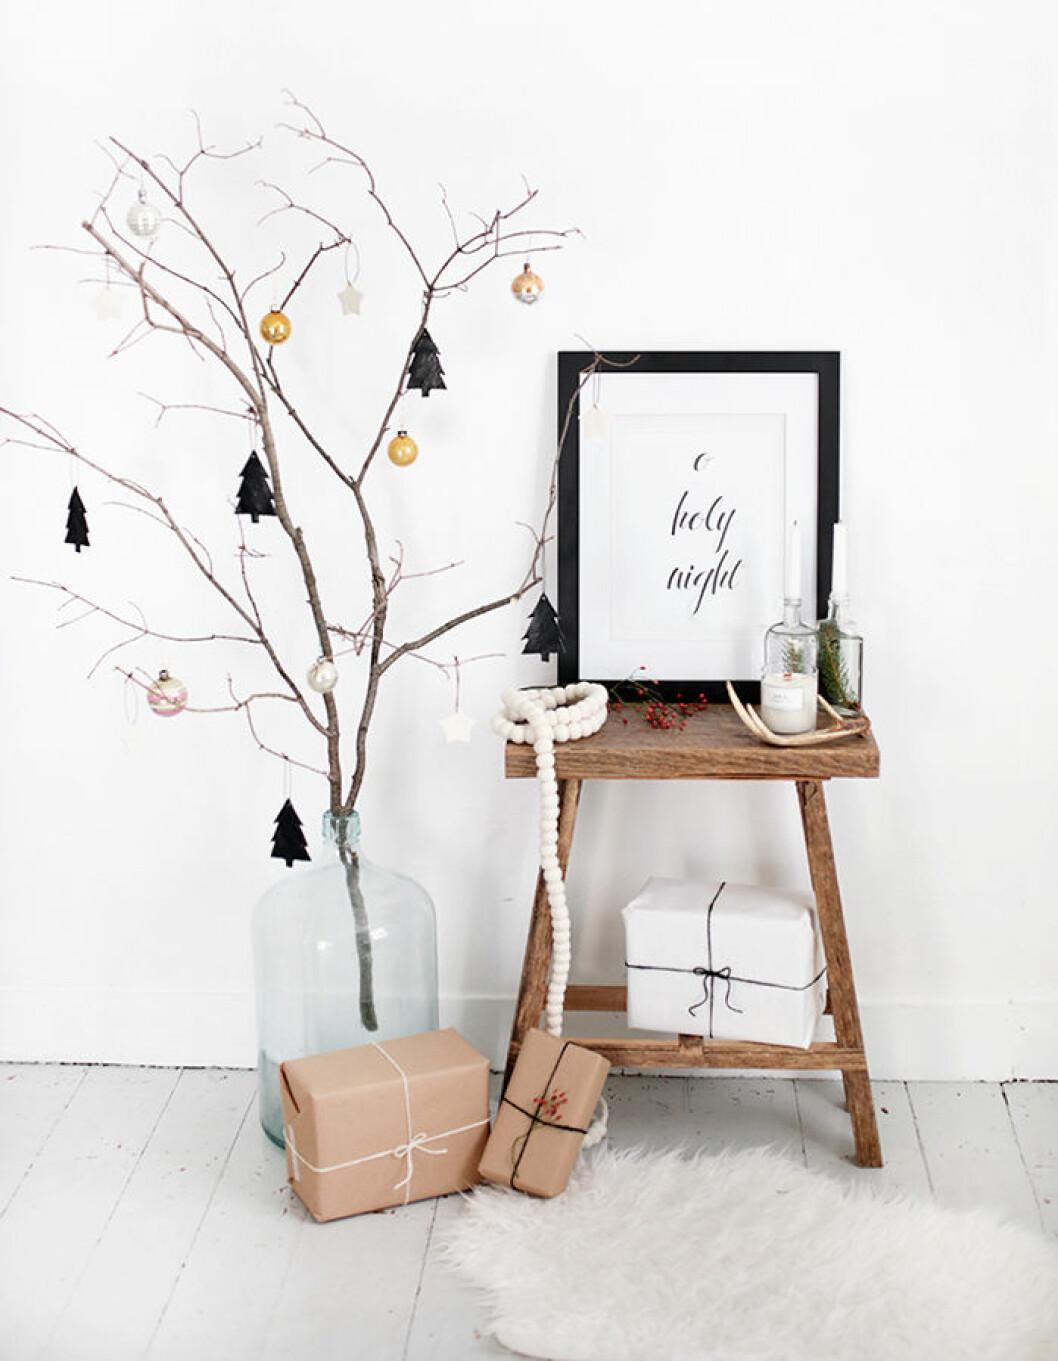 Dekorera en gren med julgranspyntet för en minimalistisk julinredning